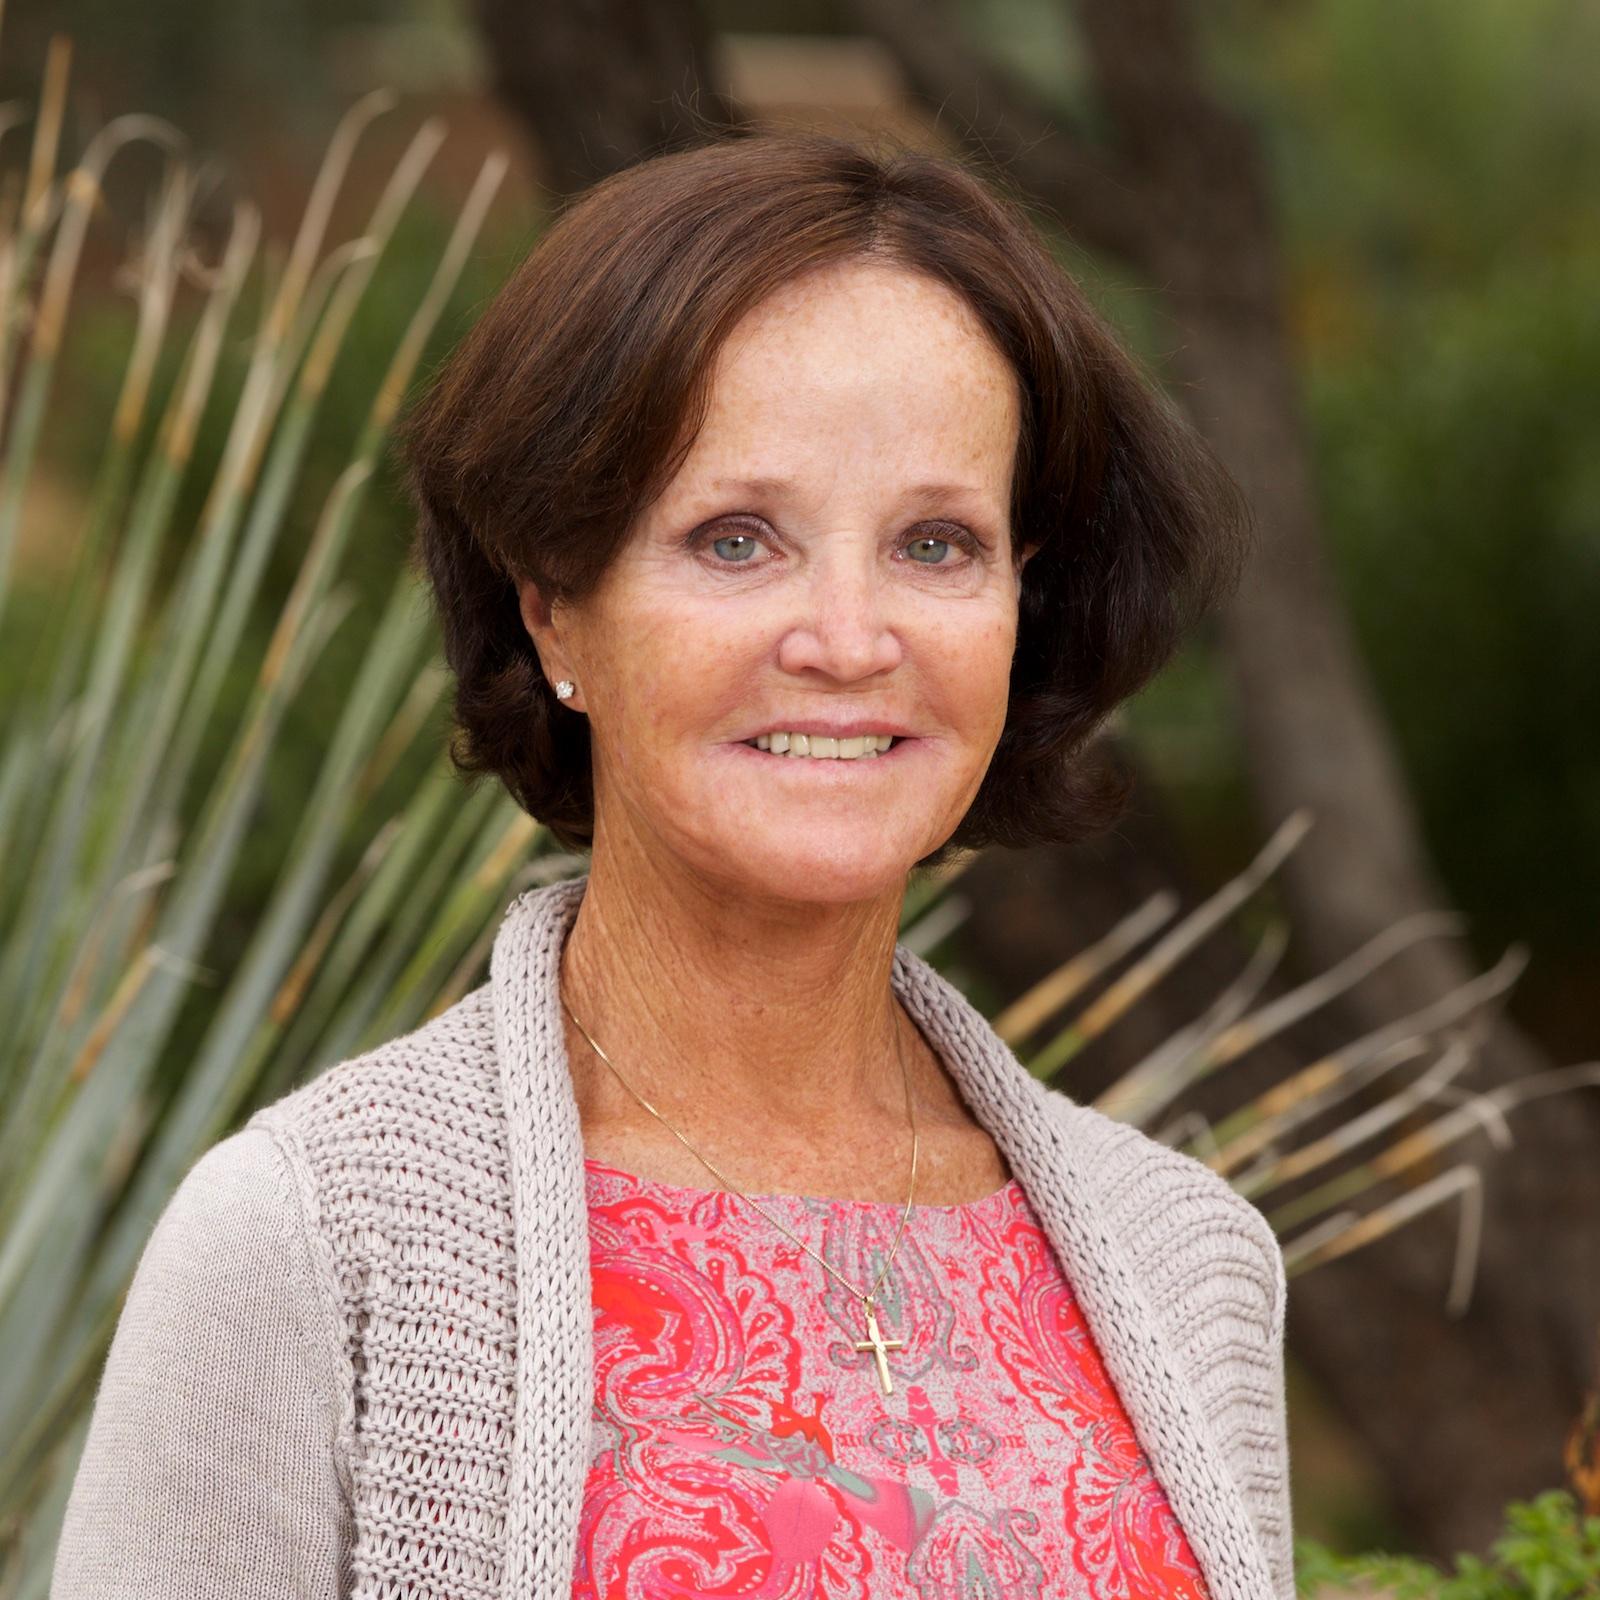 Betty Beran